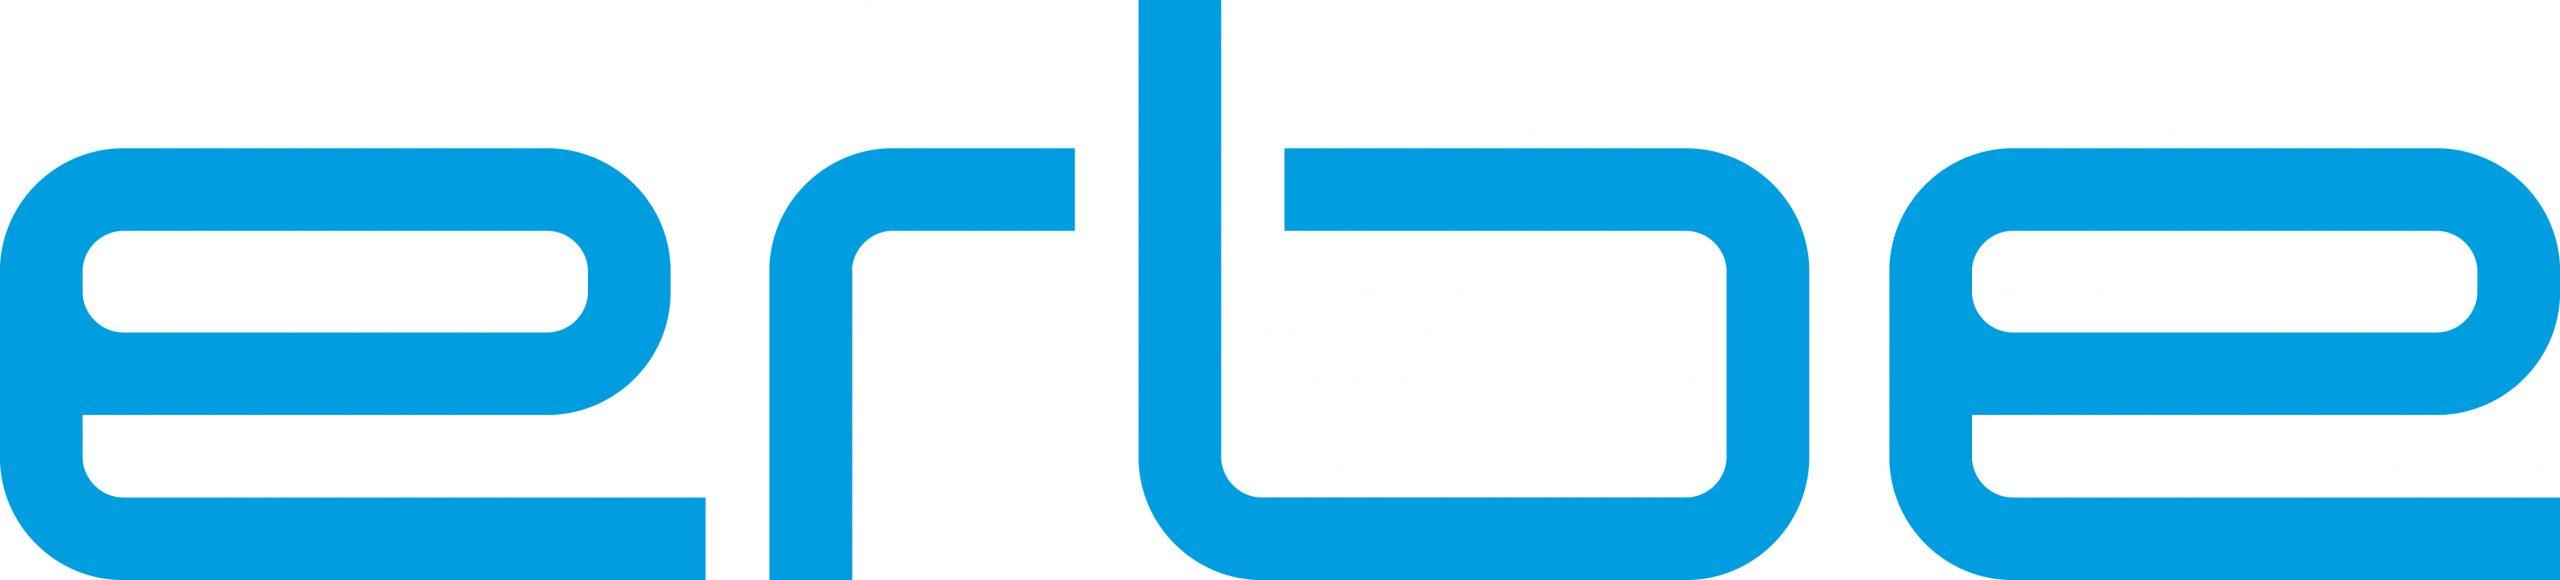 ERBE_Logo_Claim_4c